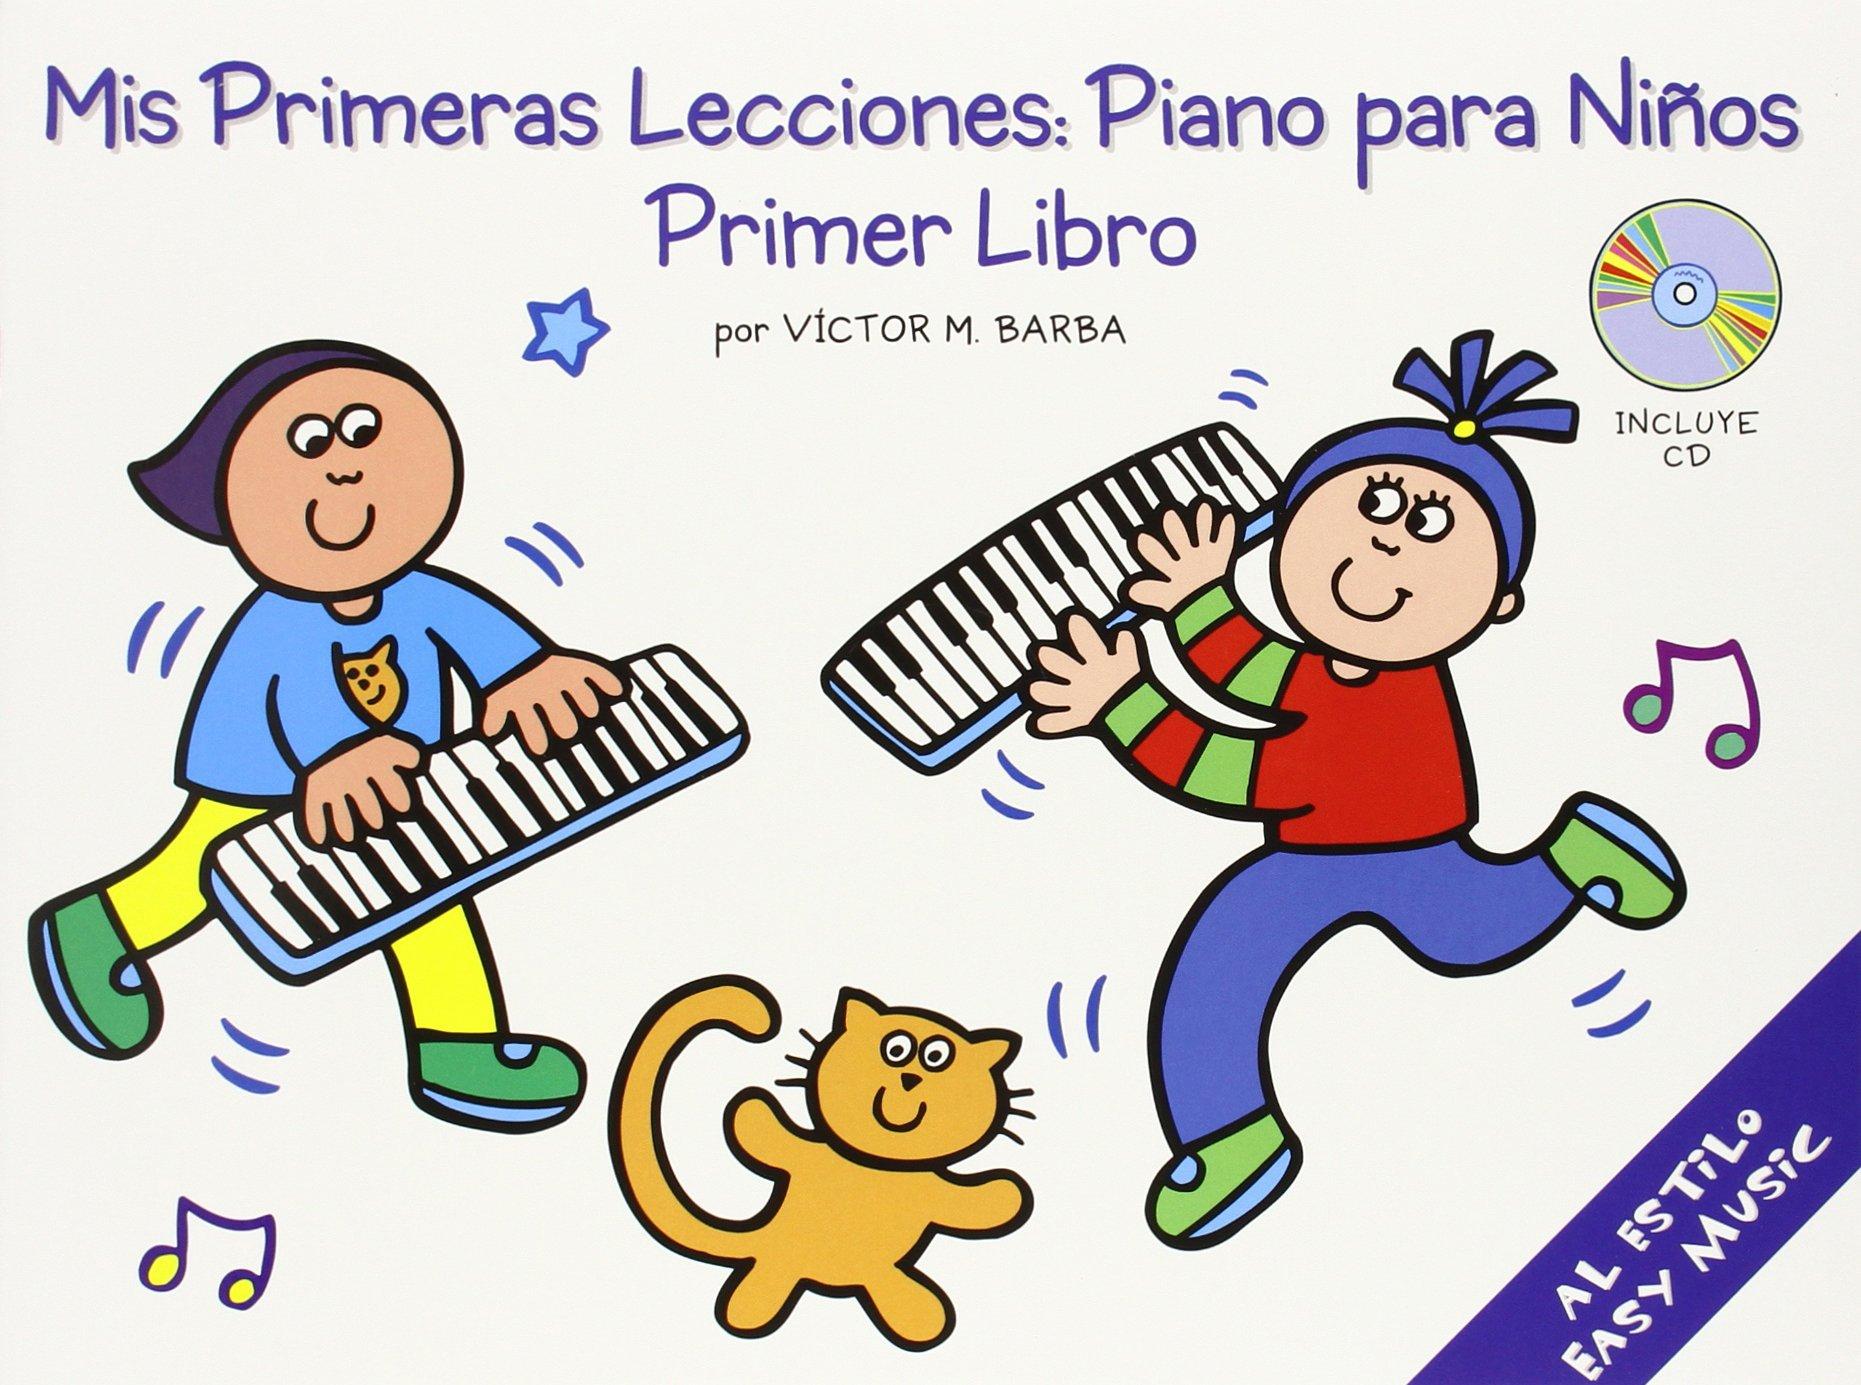 MIS PRIMERA LECCIONES PF 1+CD: Amazon.es: Barba Victor M.: Libros en idiomas extranjeros